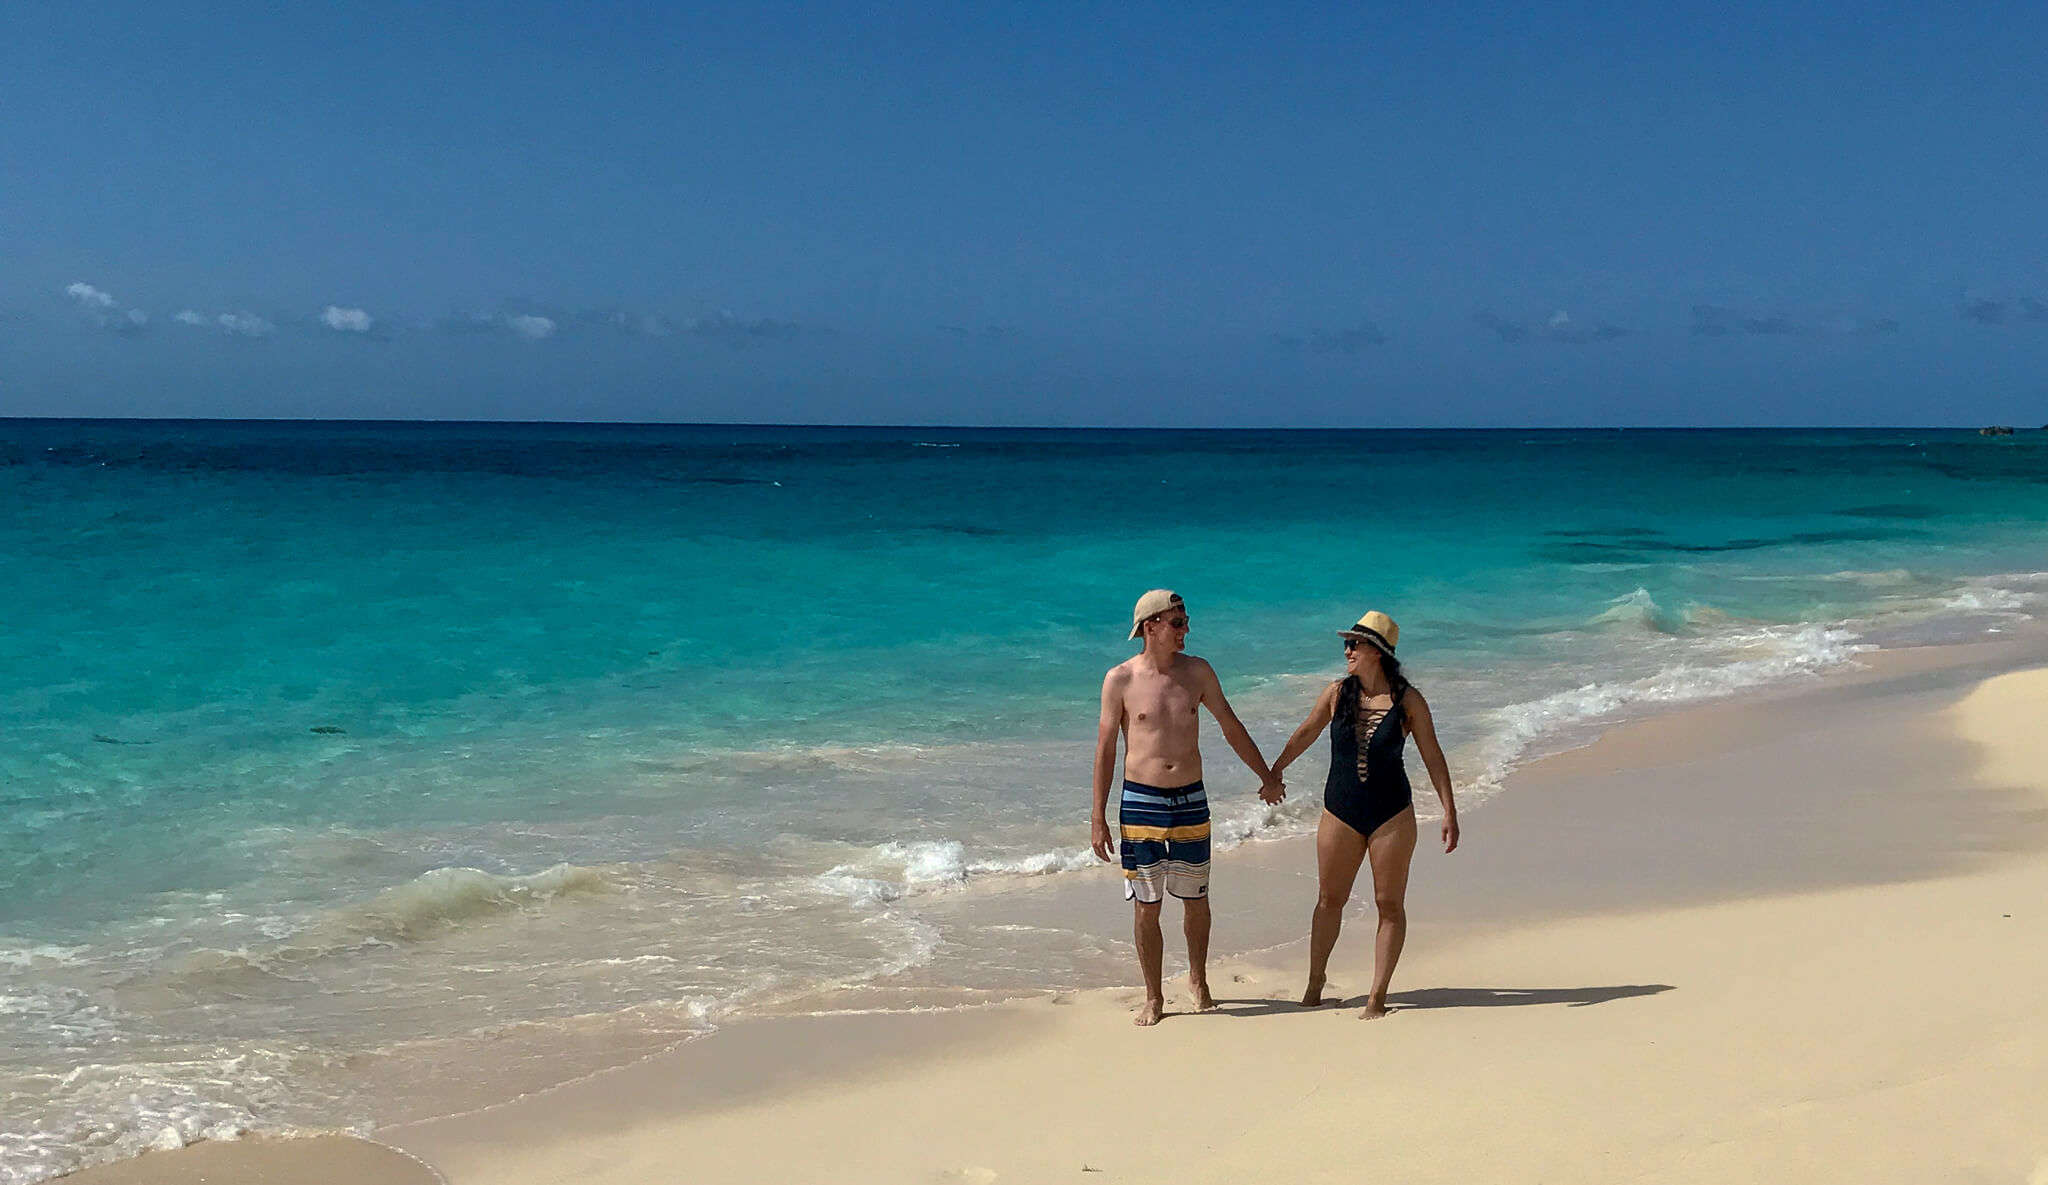 a couple on a beach